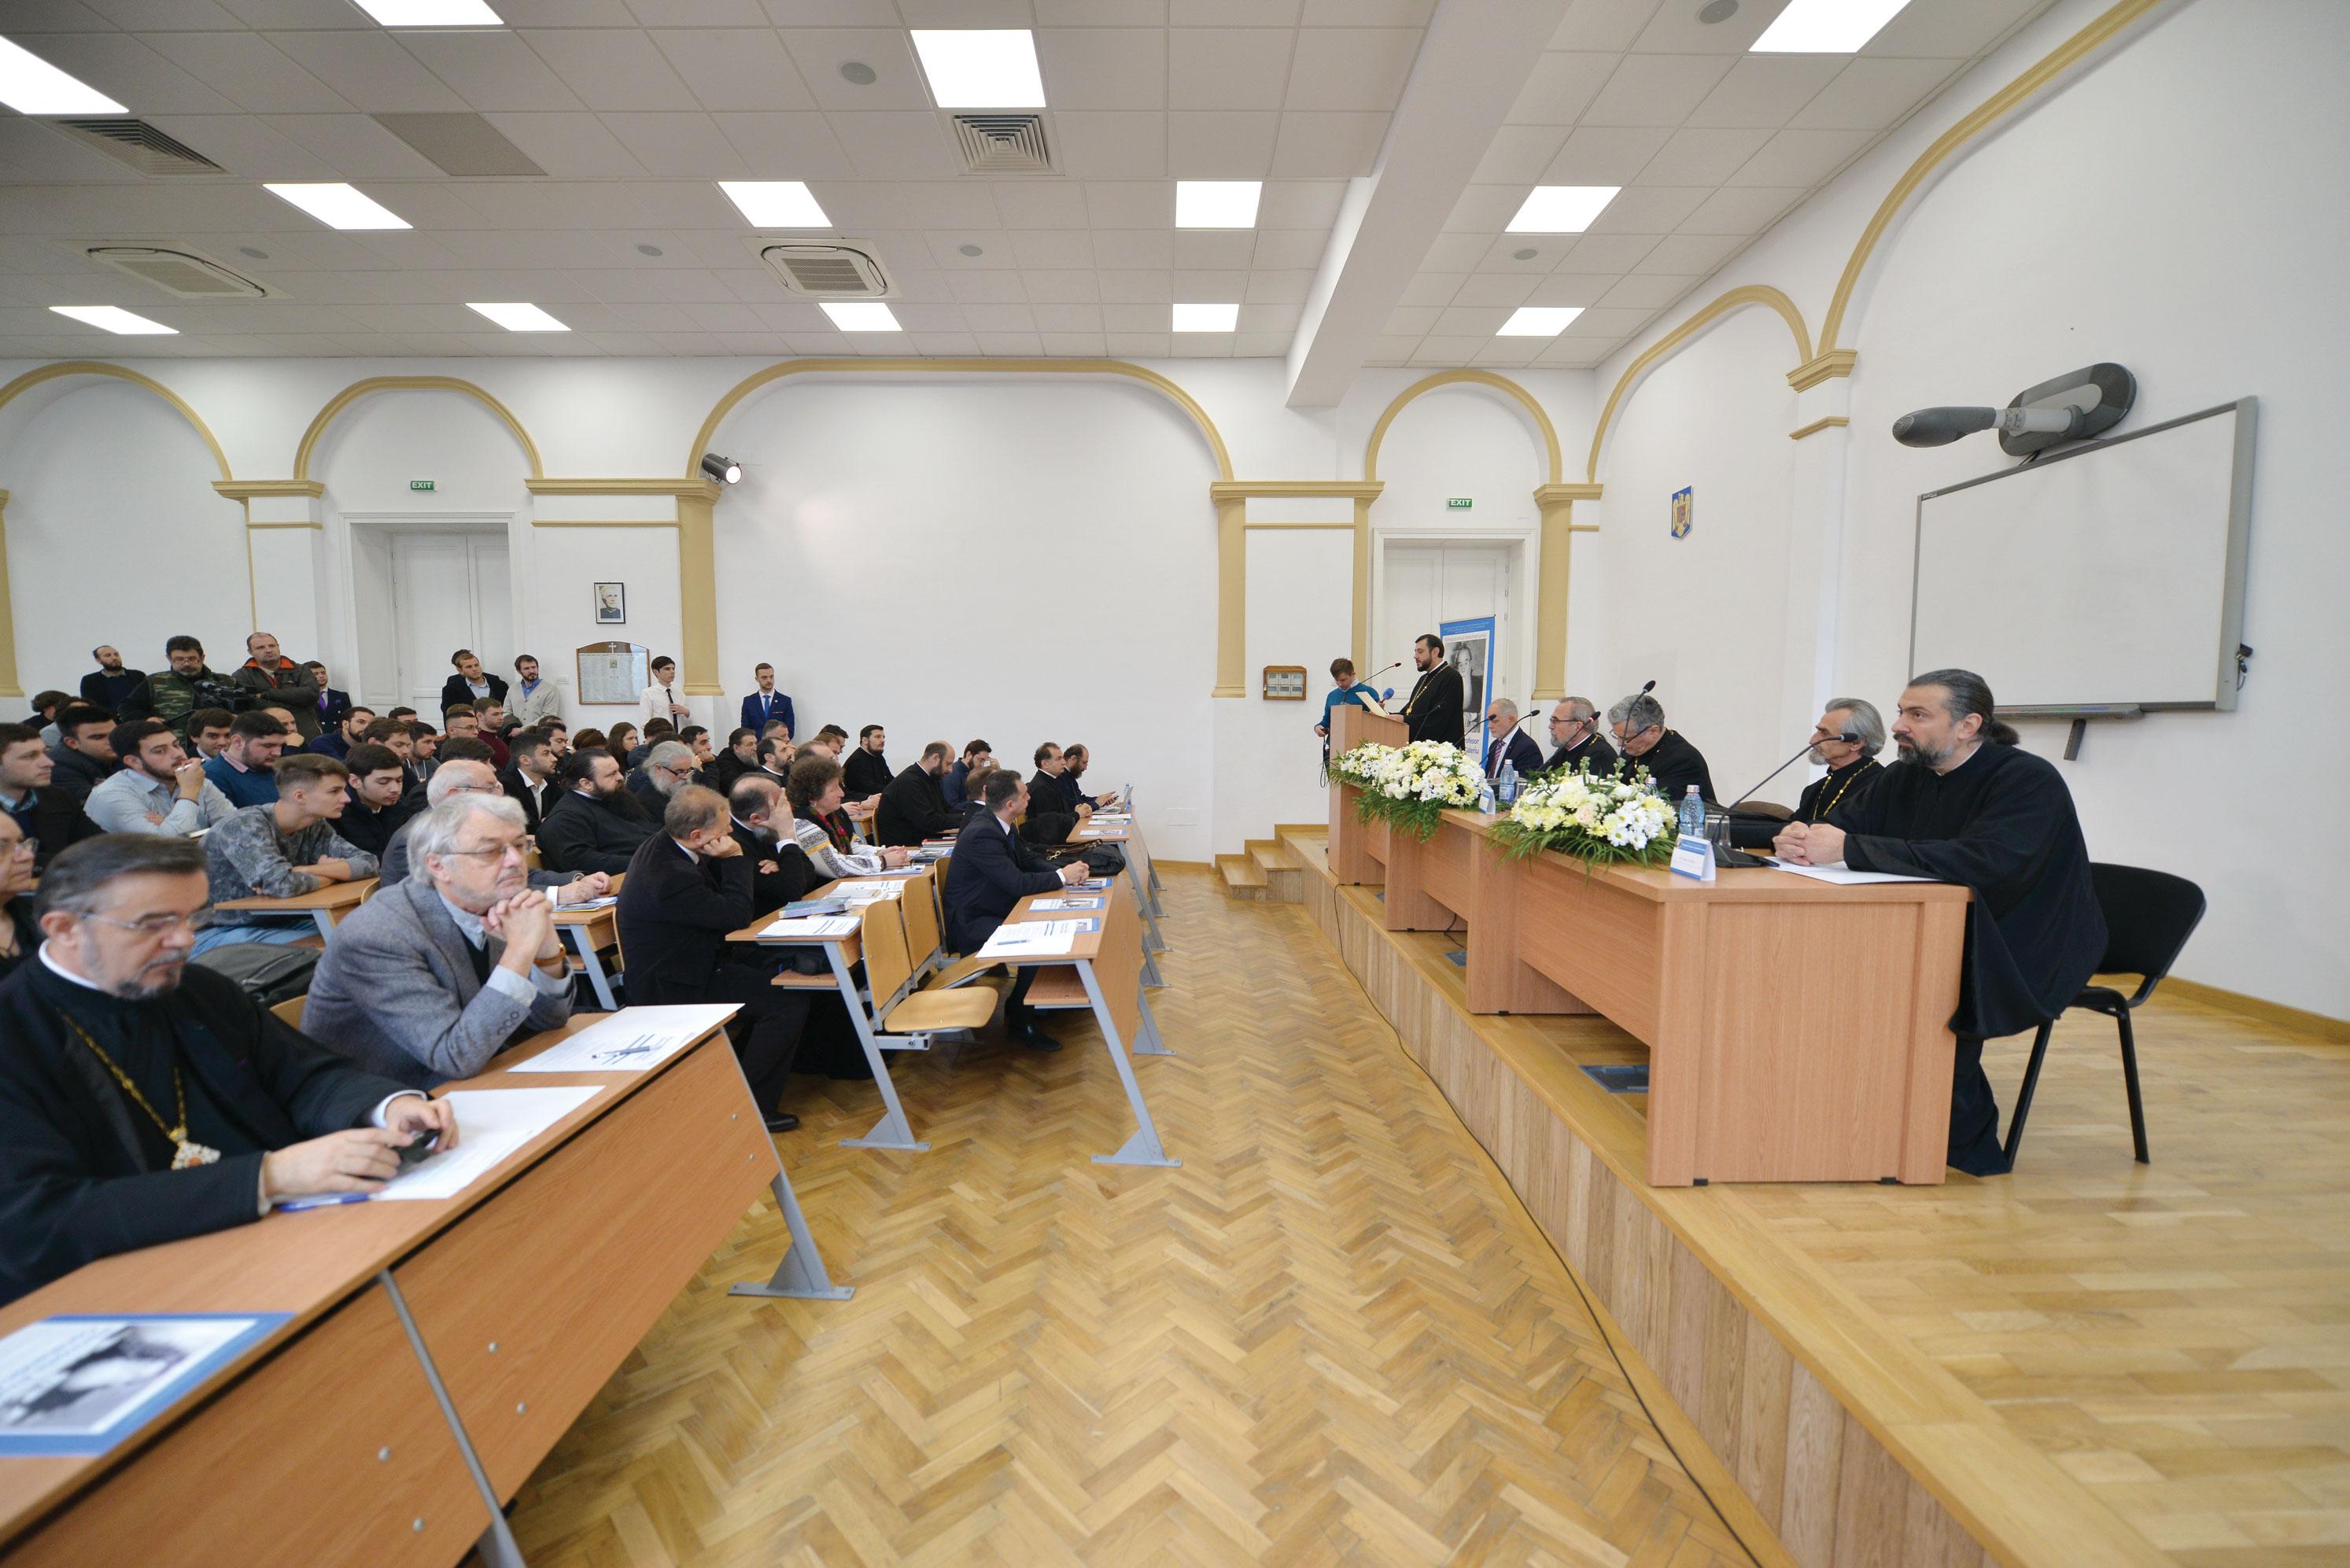 Părintele profesor Constantin Galeriu – mărturisitor jertfelnic al Evangheliei şi al idealurilor poporului român